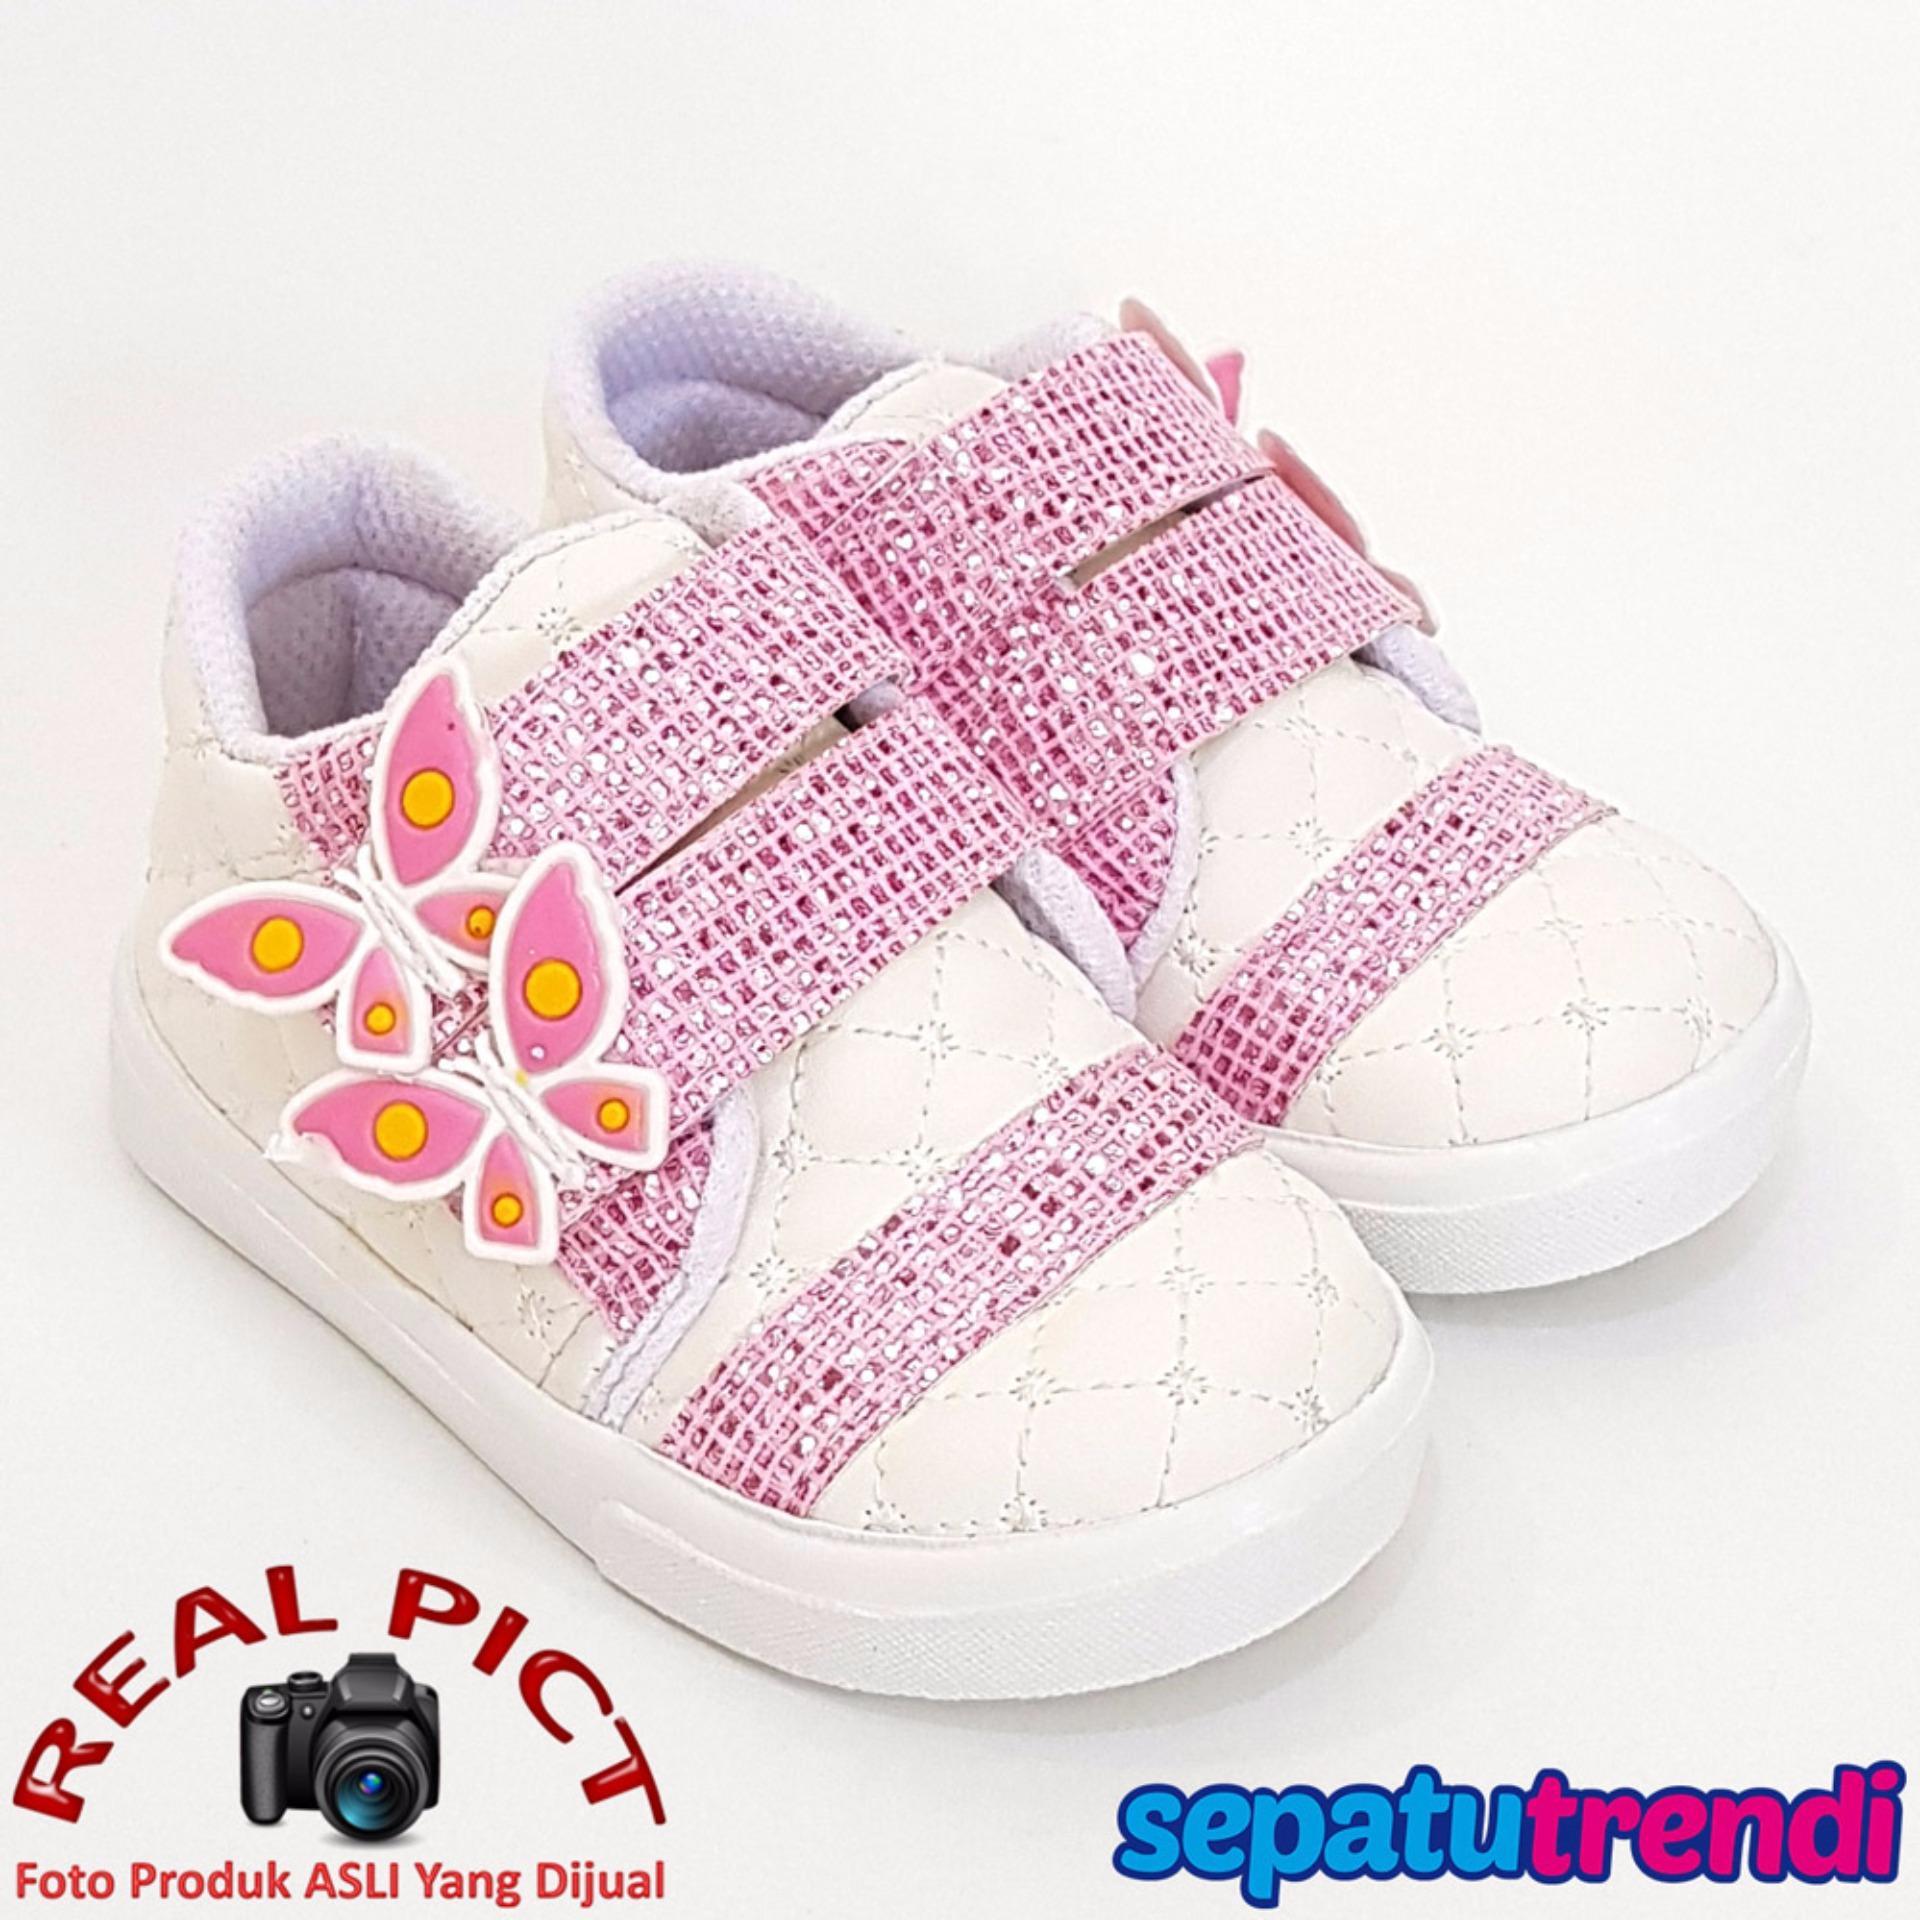 Toko Jual Trendishoes Sepatu Anak Perempuan Kpwj Putih Pink